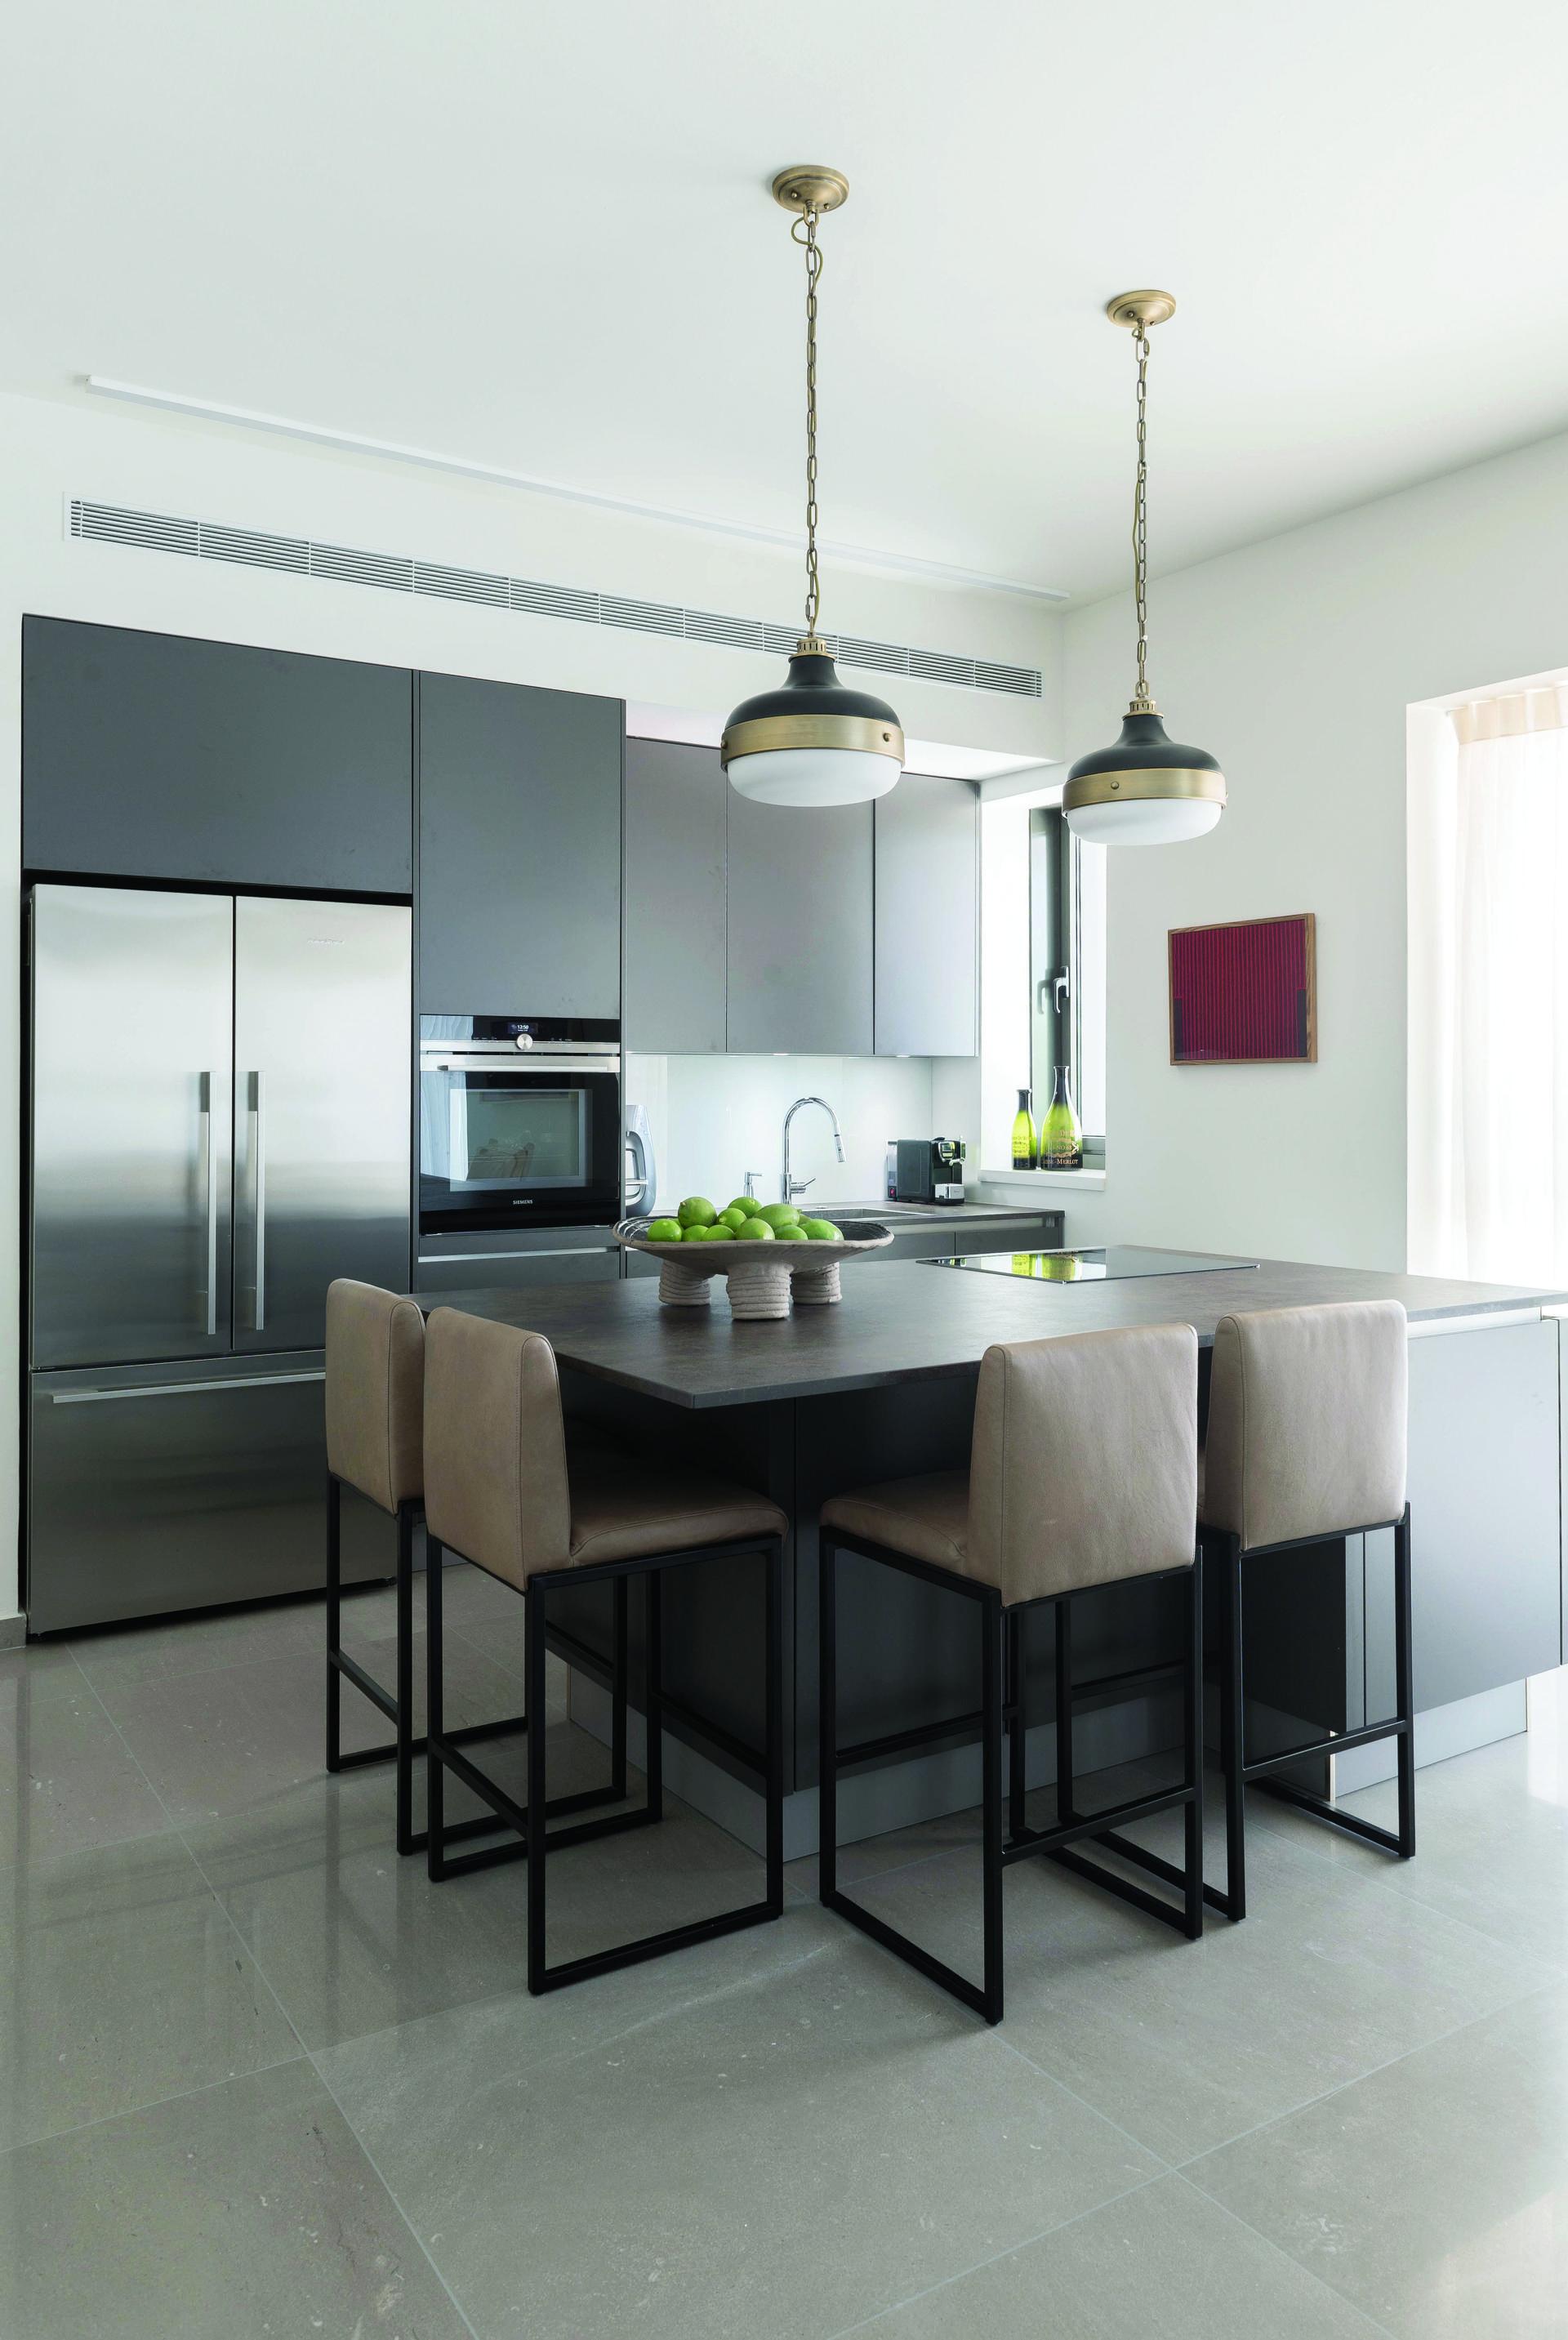 שדרוג המטבח בדירת קבלן לא חייב להיות יקר, עיצוב של אירה שריג, צילום: גלית דויטש